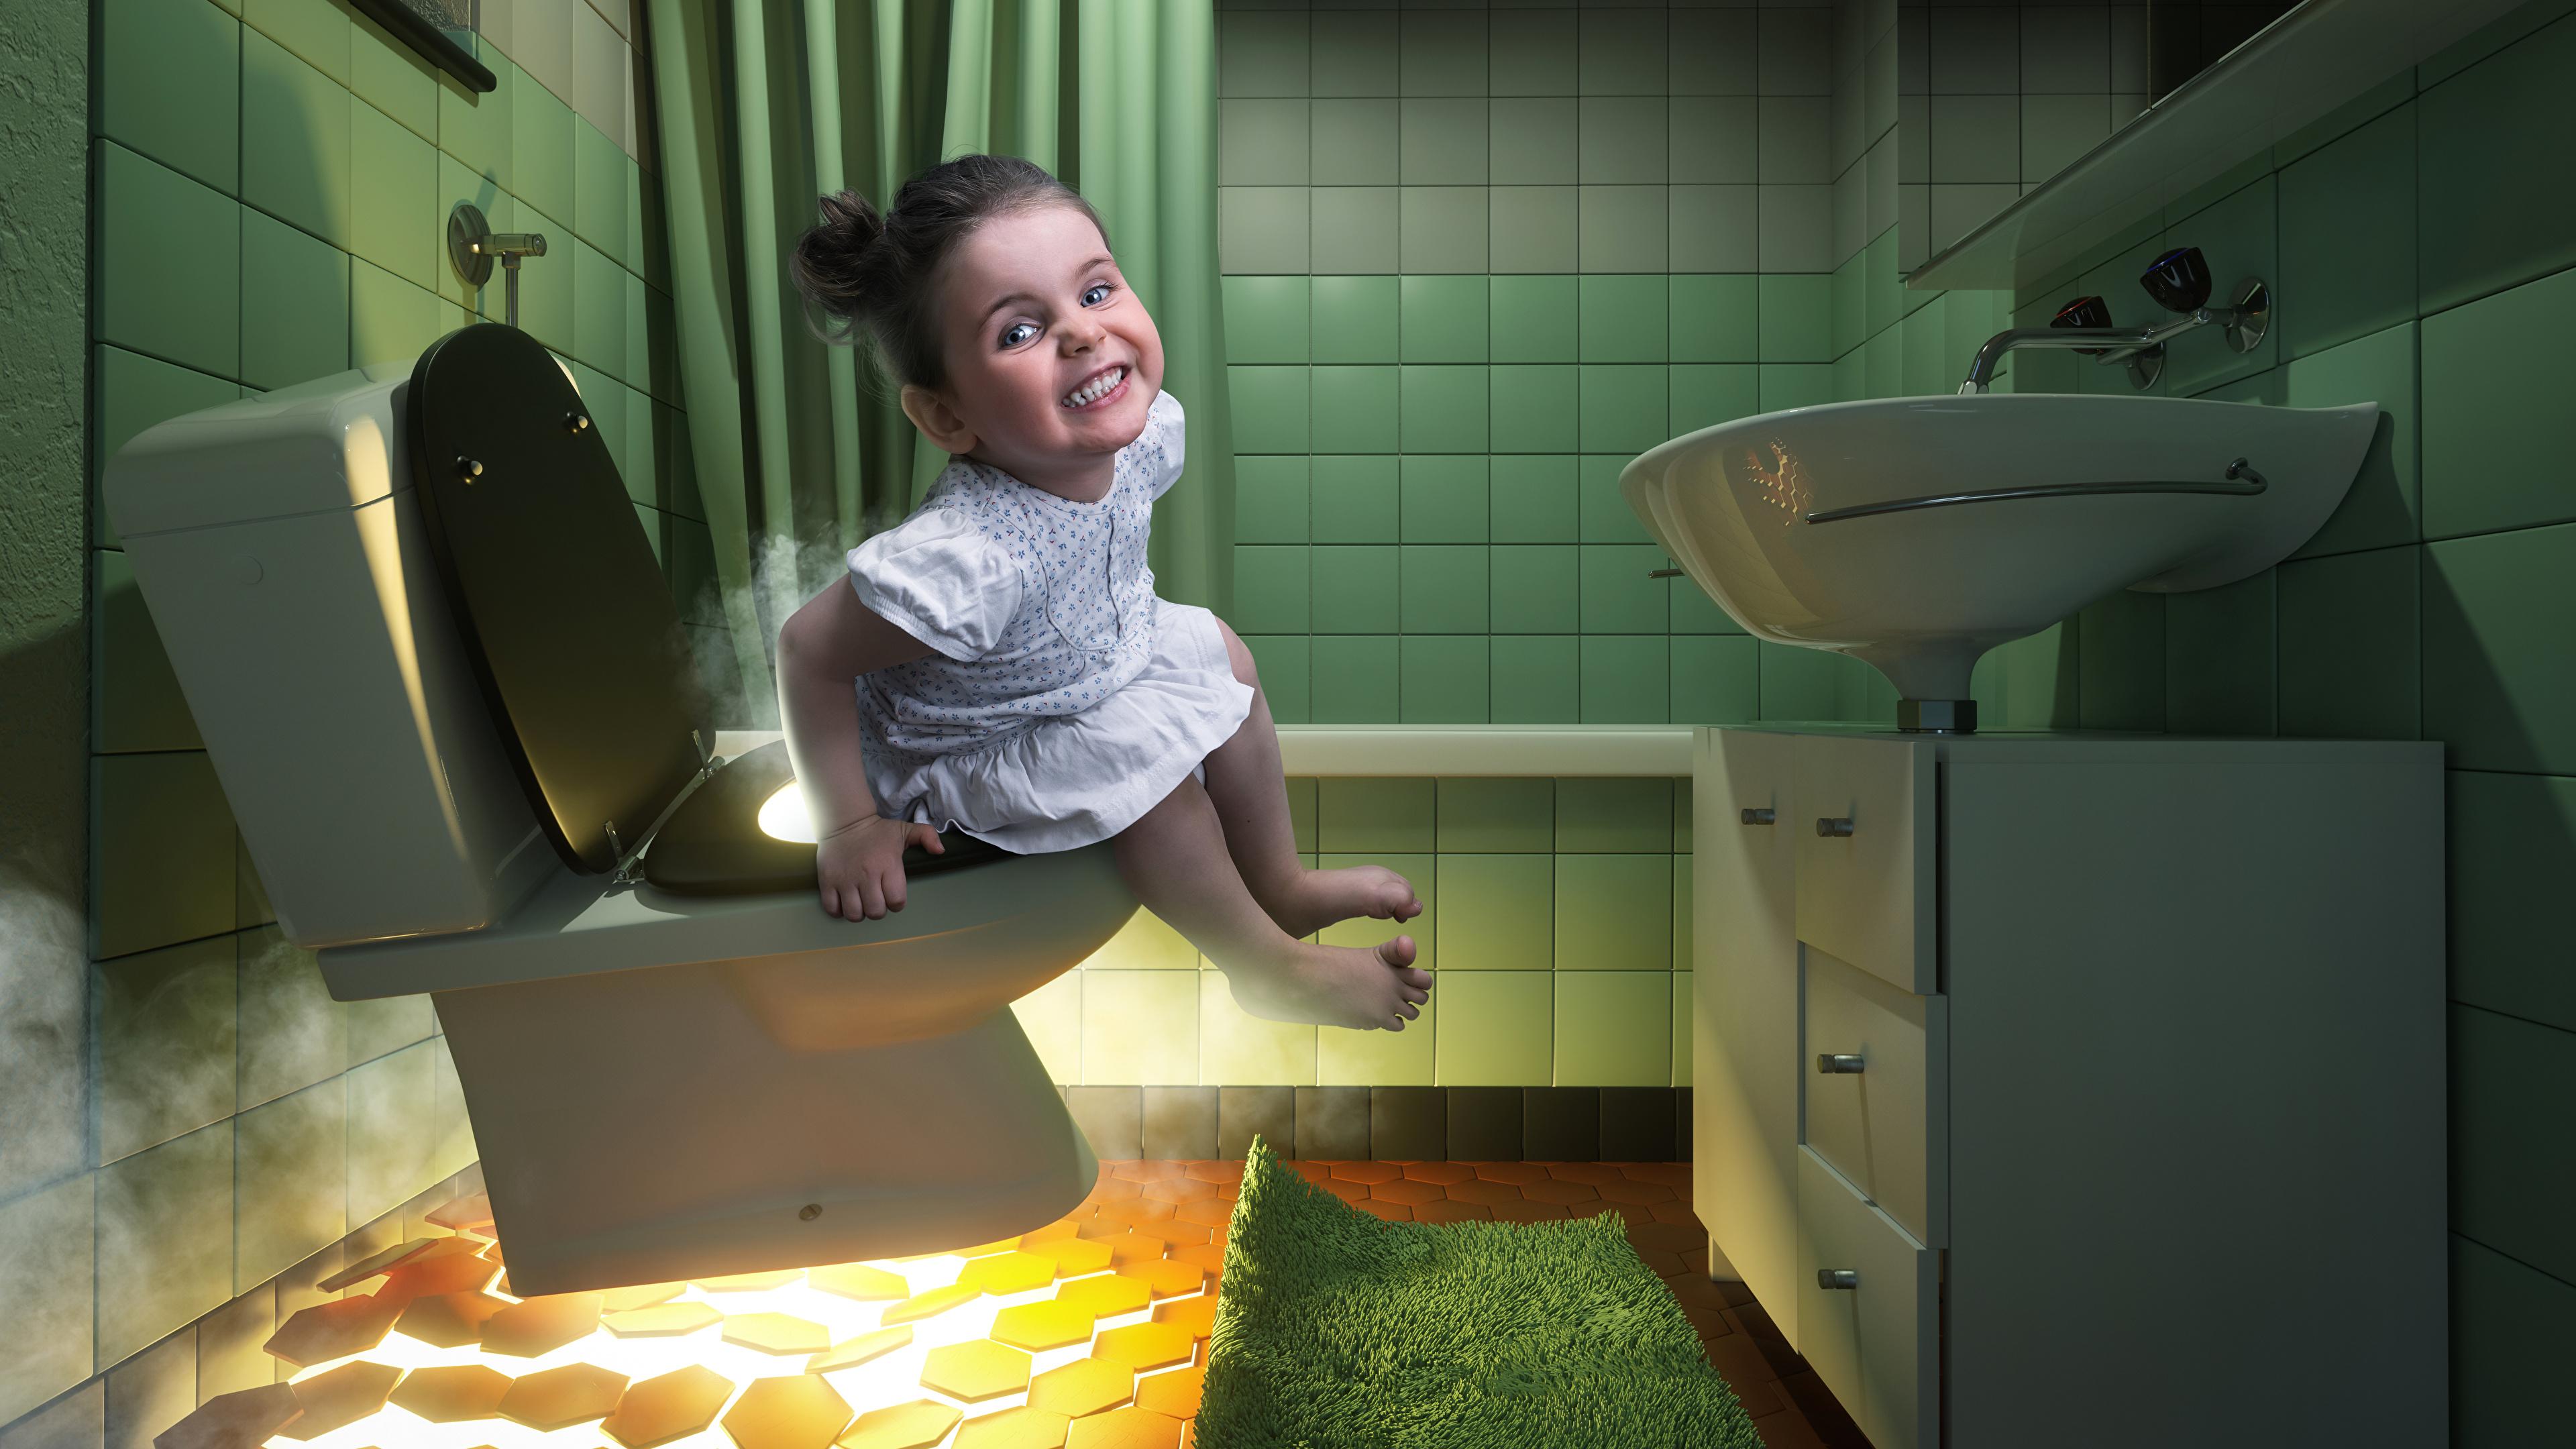 Туалет и девушки, HD cкрытая камера в женском туалете 18 фотография